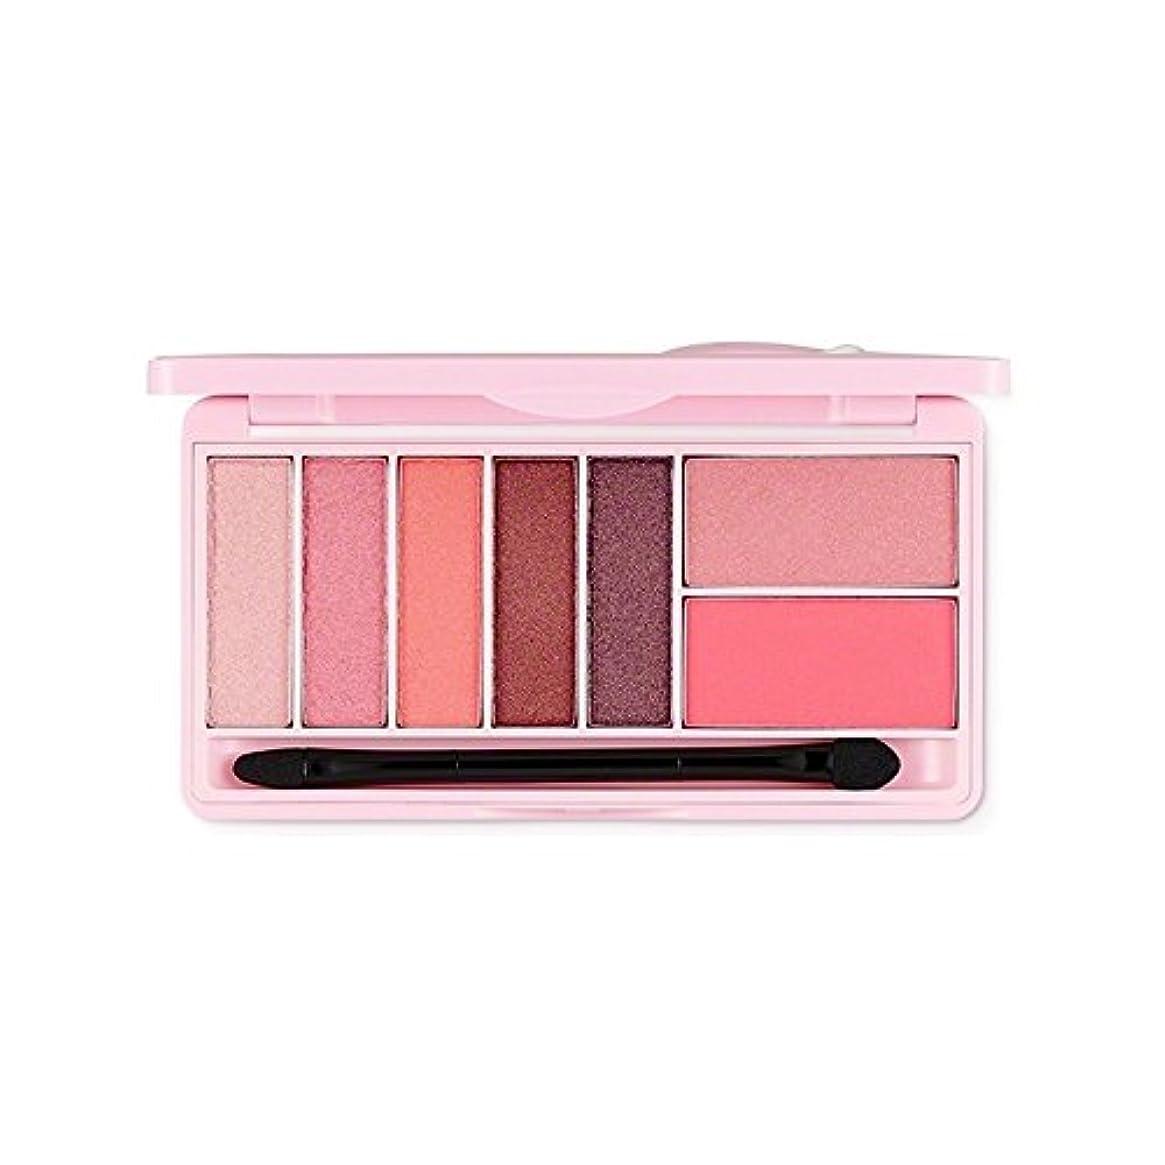 あそこ退院流産The Face Shop スウィートアペックチャーモノポップアイズ Kakao FriendsThe Face Shop Sweet Apeach Mono Pop Eyes 9.5g/甘いアペサート (Pink Winking) [並行輸入品]